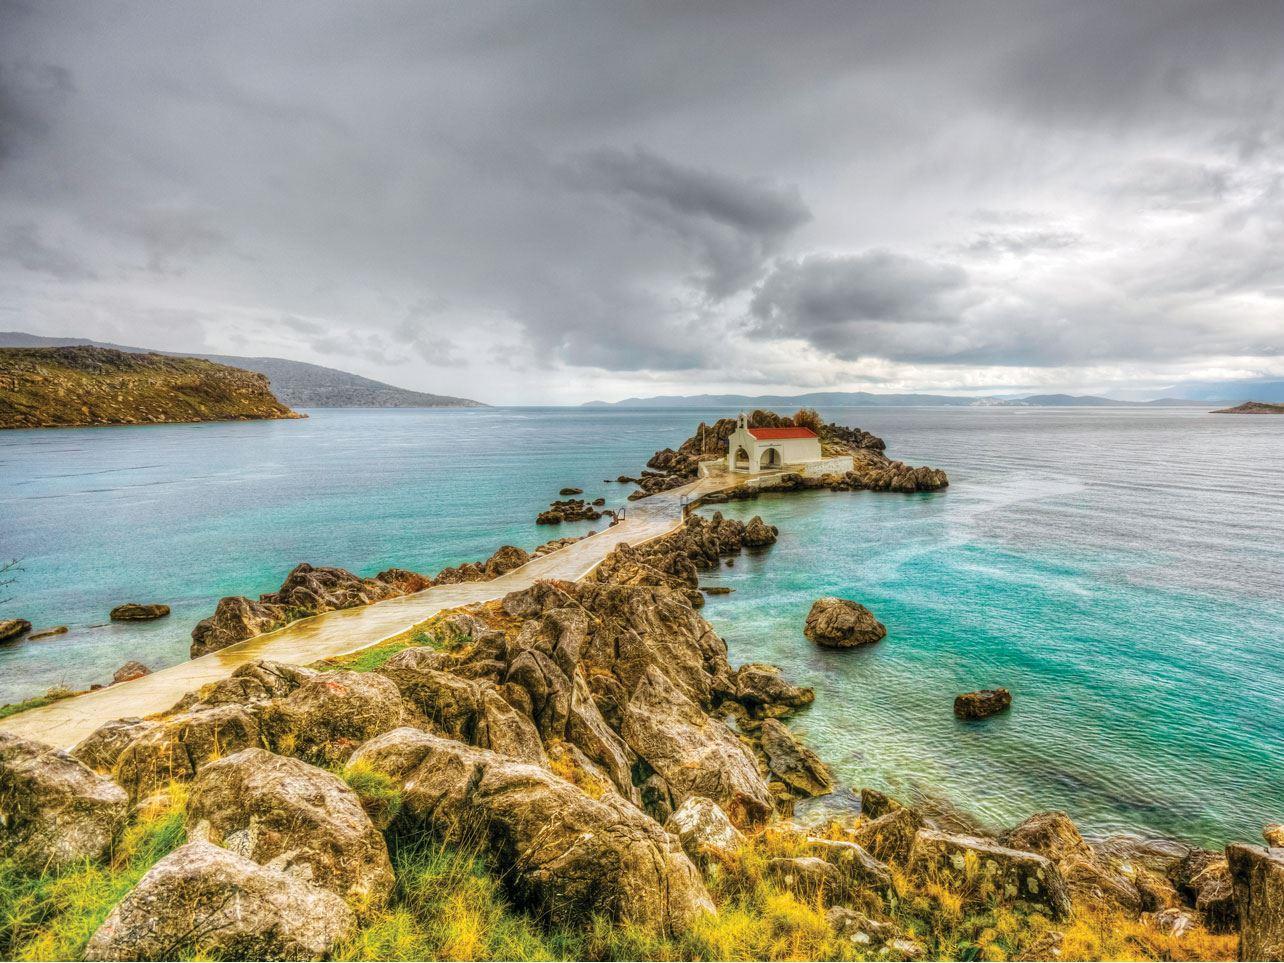 Ramazan Bayramı Sakız Adası (Chios) Turu - 2 Gece Konaklama / İstanbul ve Bursa Hareket